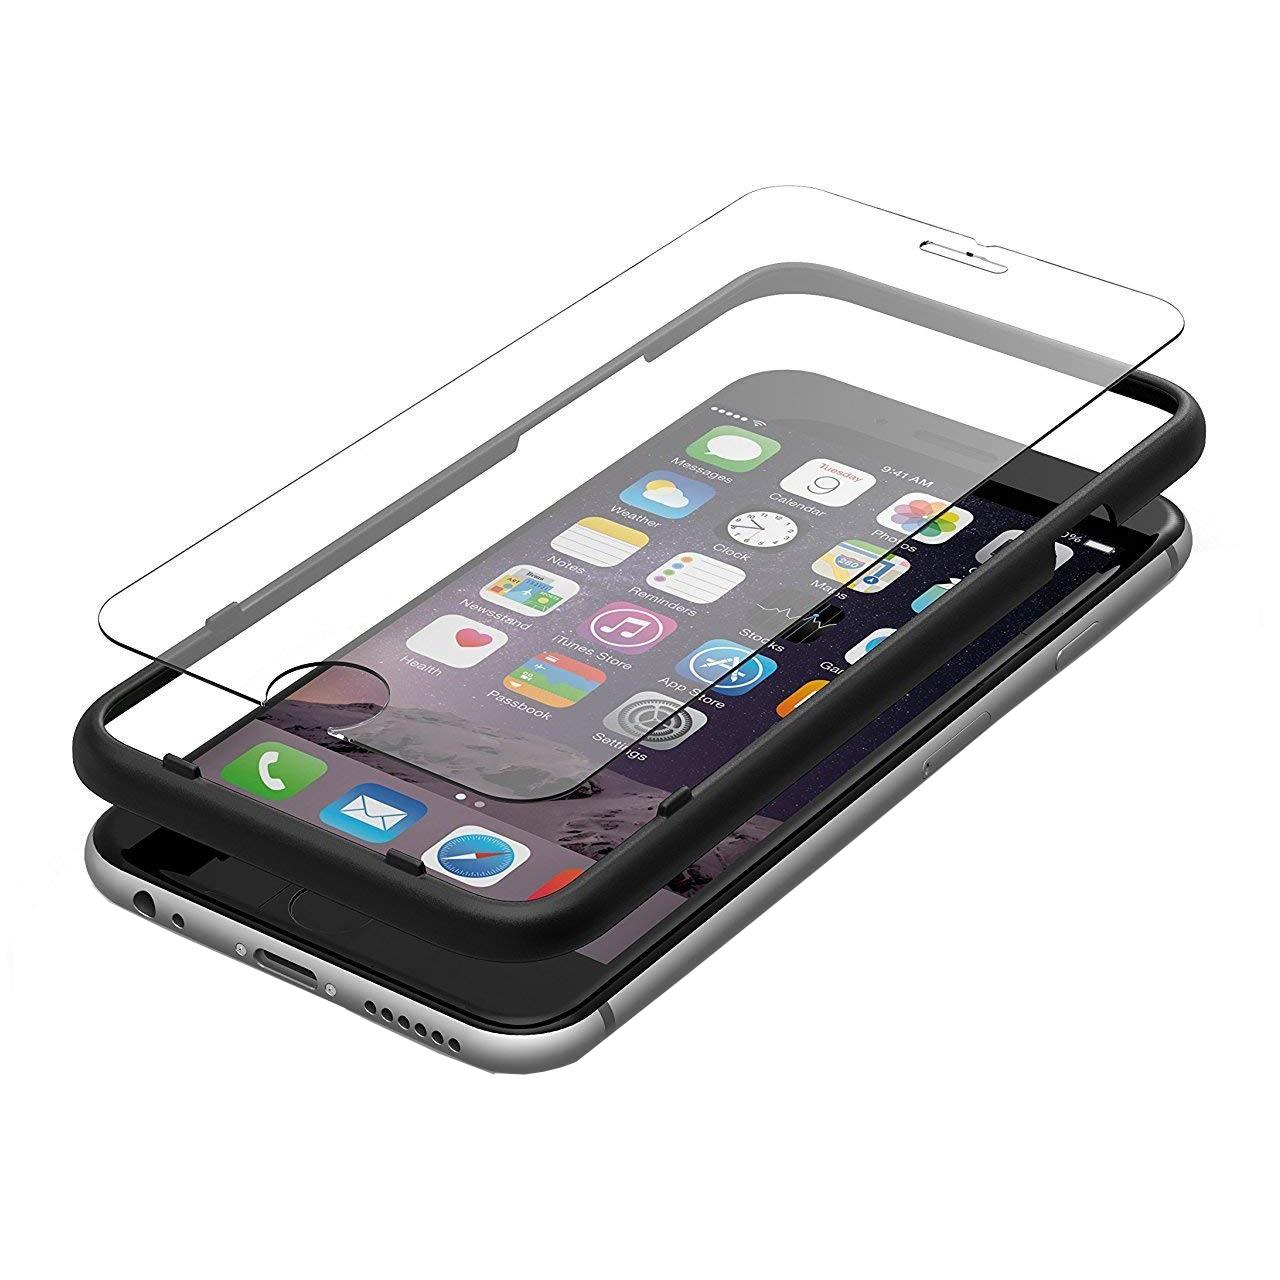 محافظ صفحه نمایش مدل 02C-302 مناسب برای گوشی موبایل اپل iPhone 6/6S/7/8